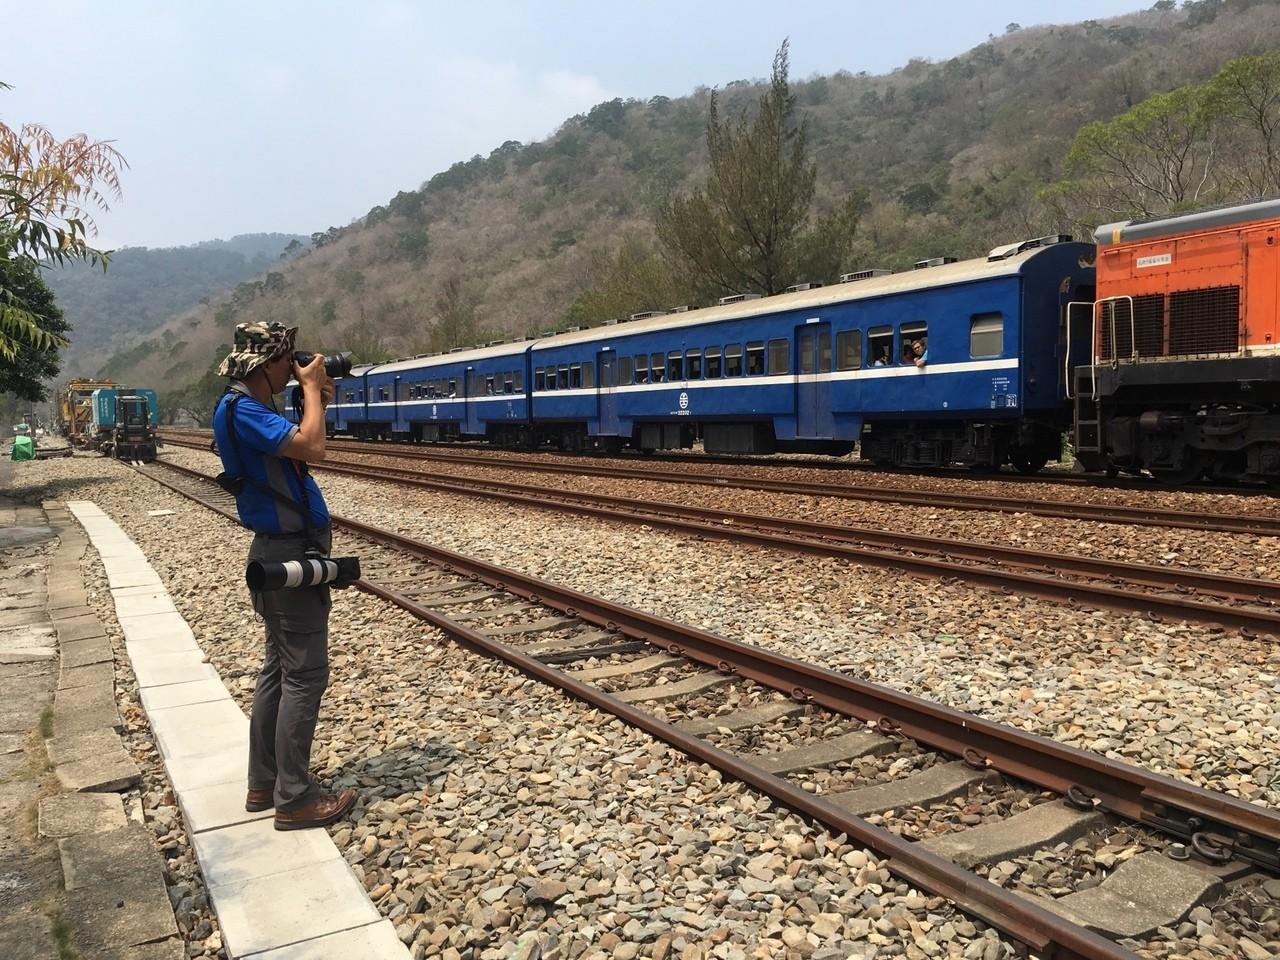 到台東找鐵道專家,一邊採訪一邊拍藍皮火車。